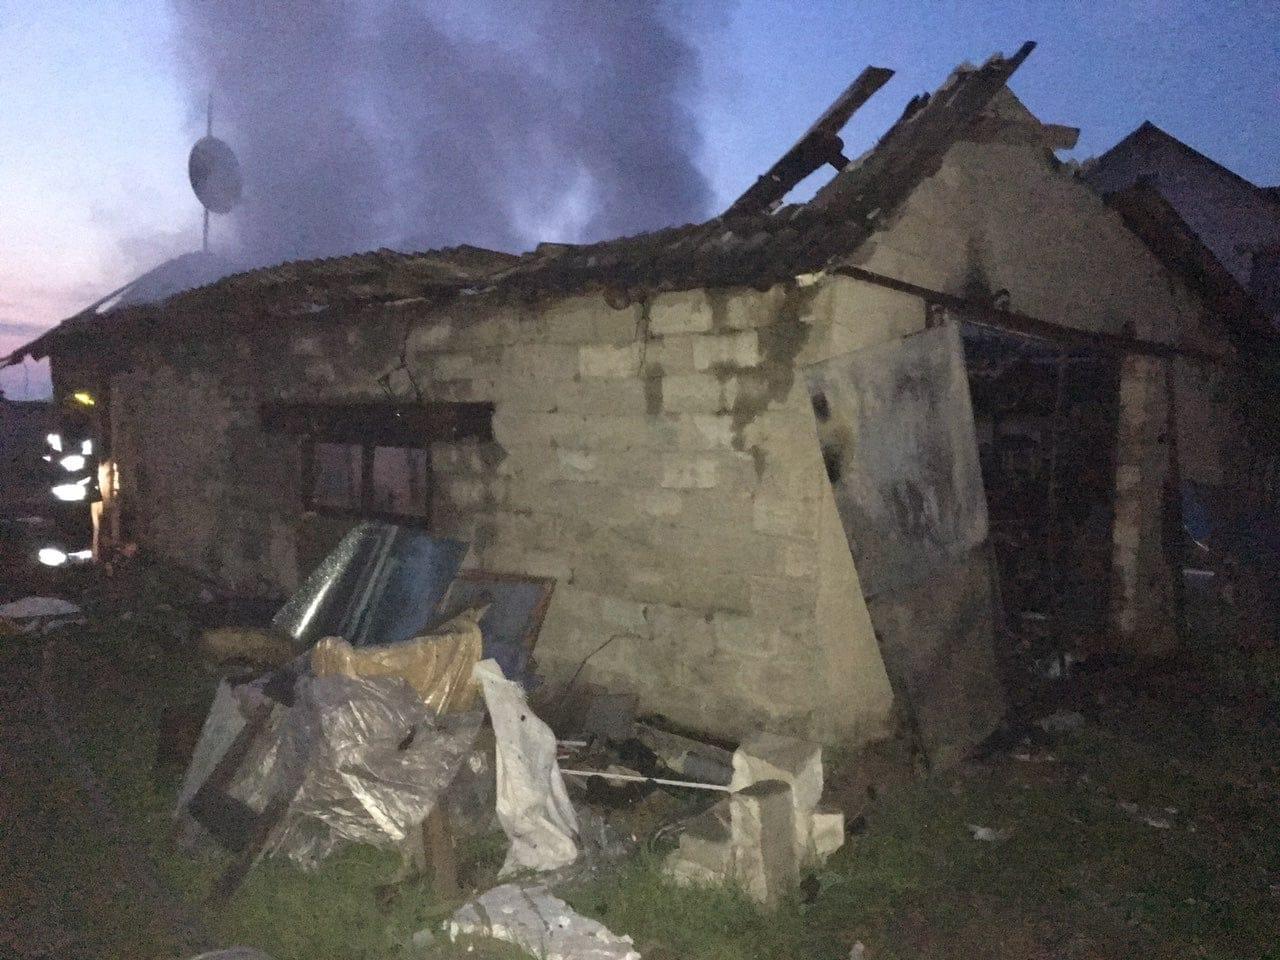 Сарненські вогнеборці виявили в гаражі тіла двох осіб